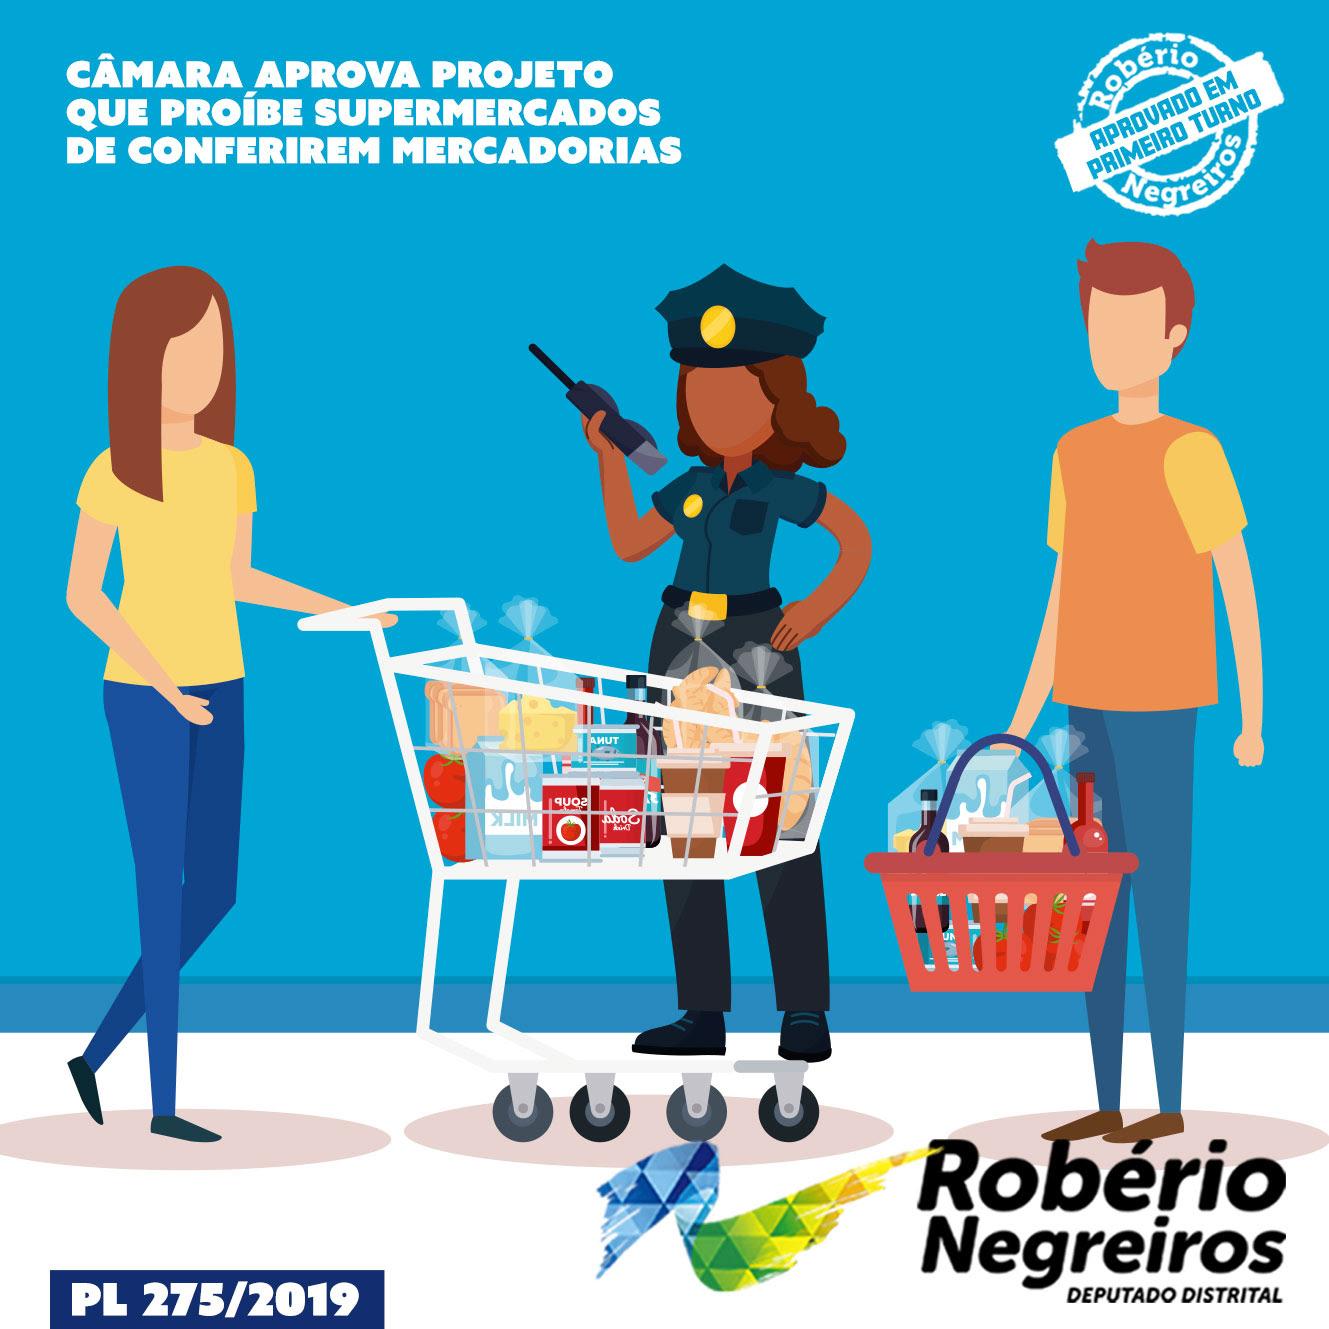 Resultado de imagem para Câmara aprova Projeto que proíbe supermercados de conferirem mercadorias